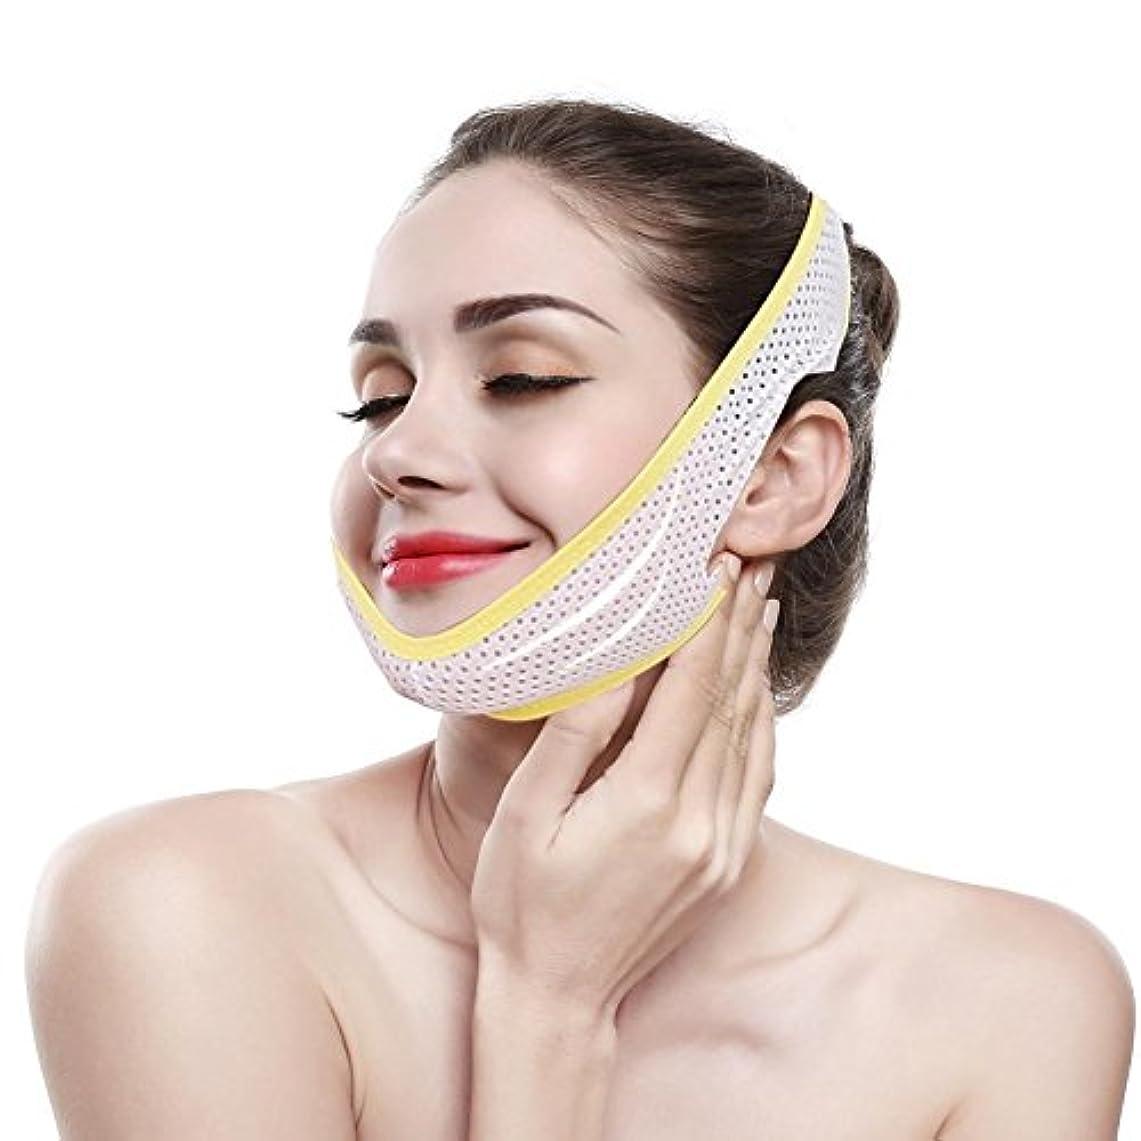 取り出すうまくやる()ベーシック顎リフト フェイススリミング包帯 フェイスベルト 顔の包帯スリミングダブルチンVラインとフェイシャルケアファーミングスキン 女性の超薄型 フェイスマス クラインベルト スリミング製品マスク(M)